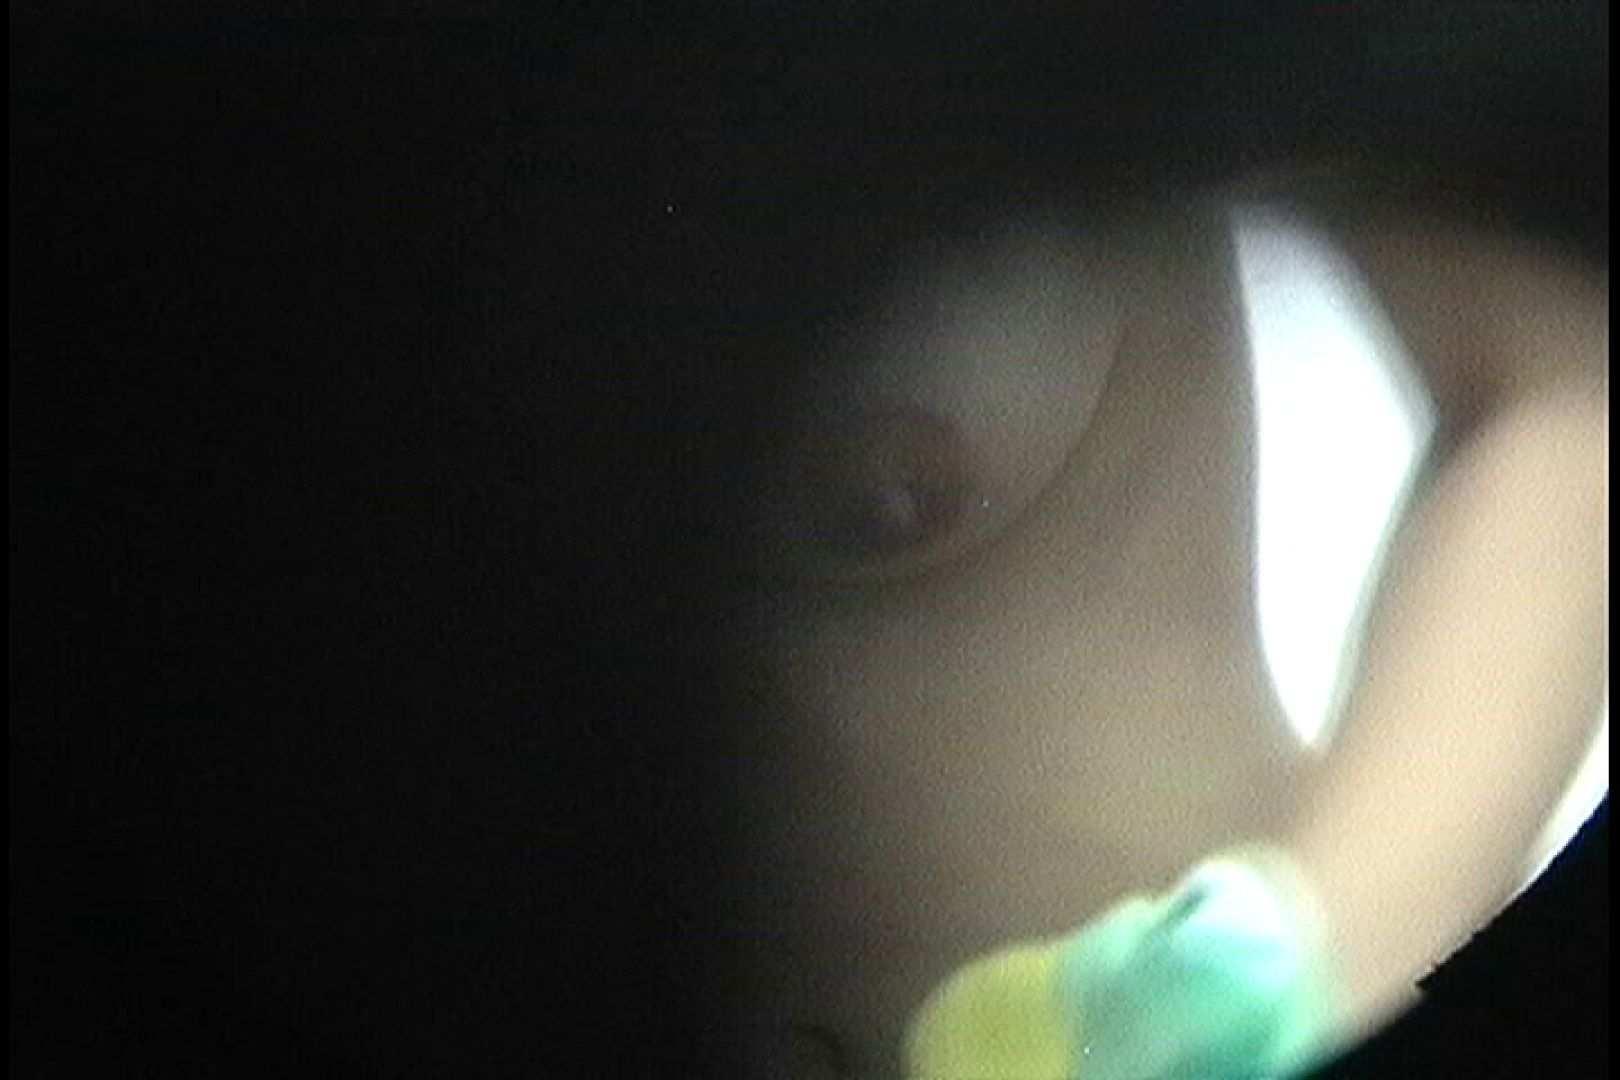 無修正おまんこ動画 No.63 奇跡の美形ギャル 怪盗ジョーカー